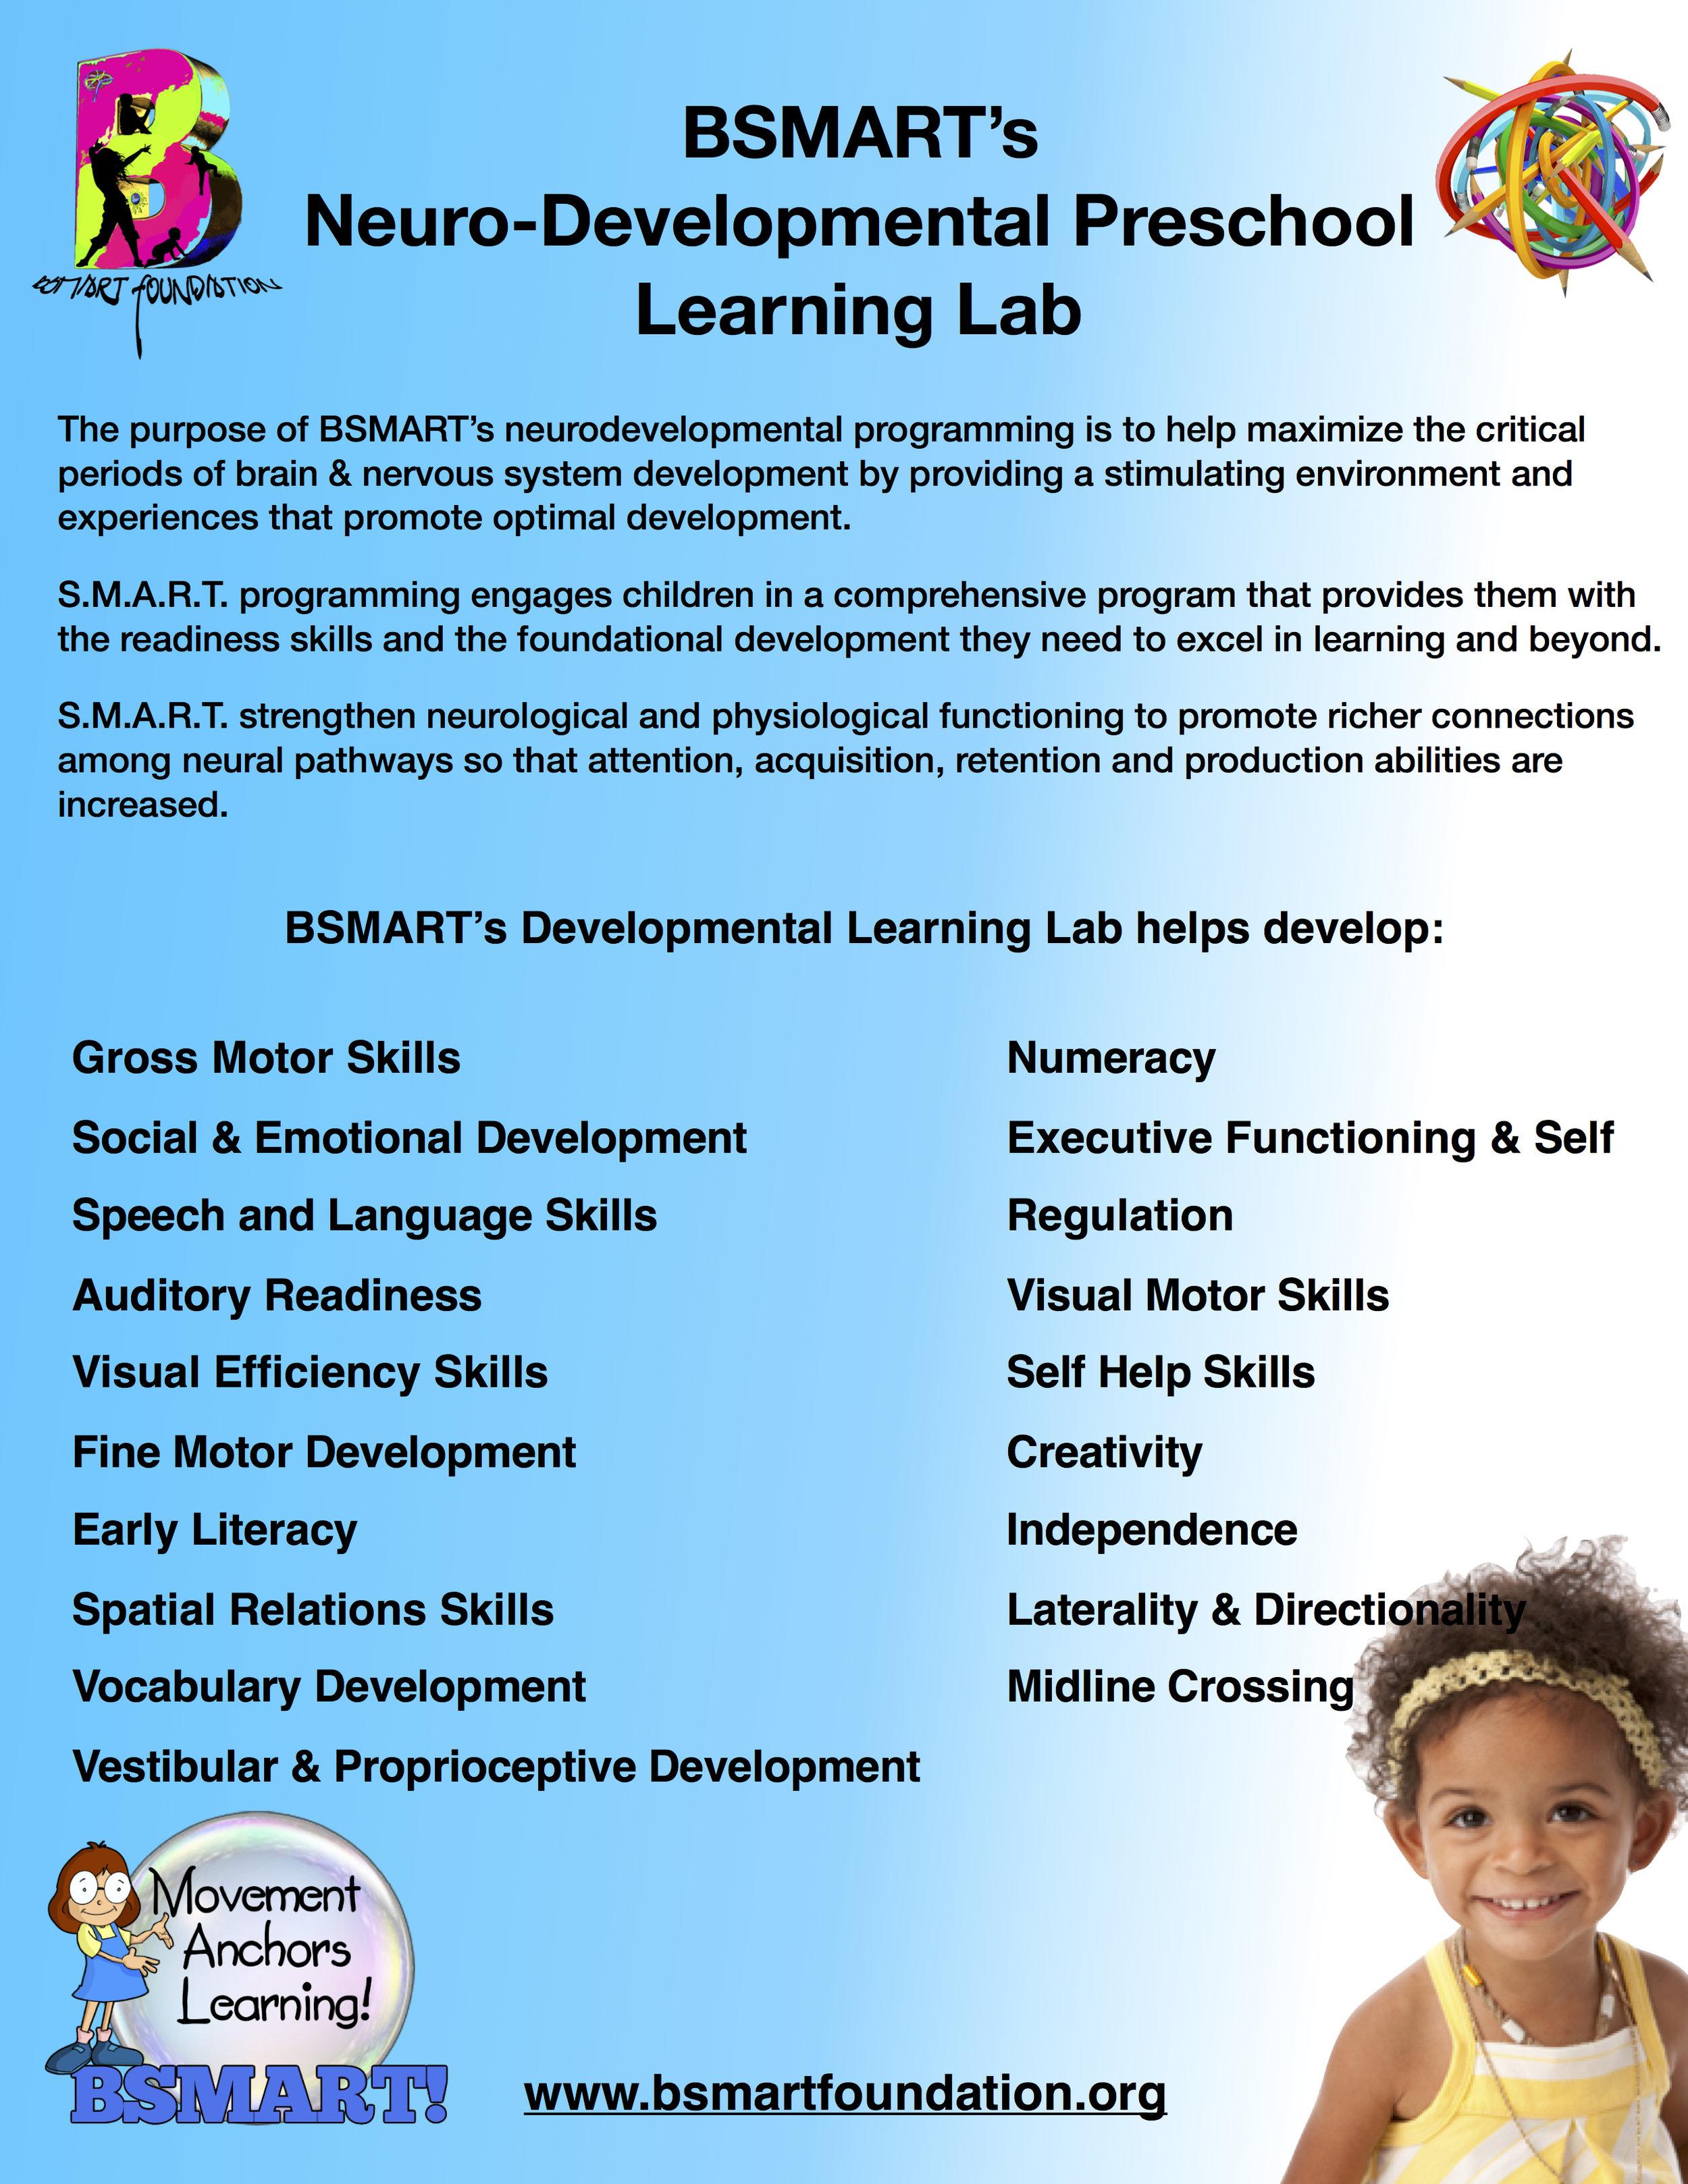 BSMART Preschool NeuroDevelopmental Domains_Learning Lab.jpg